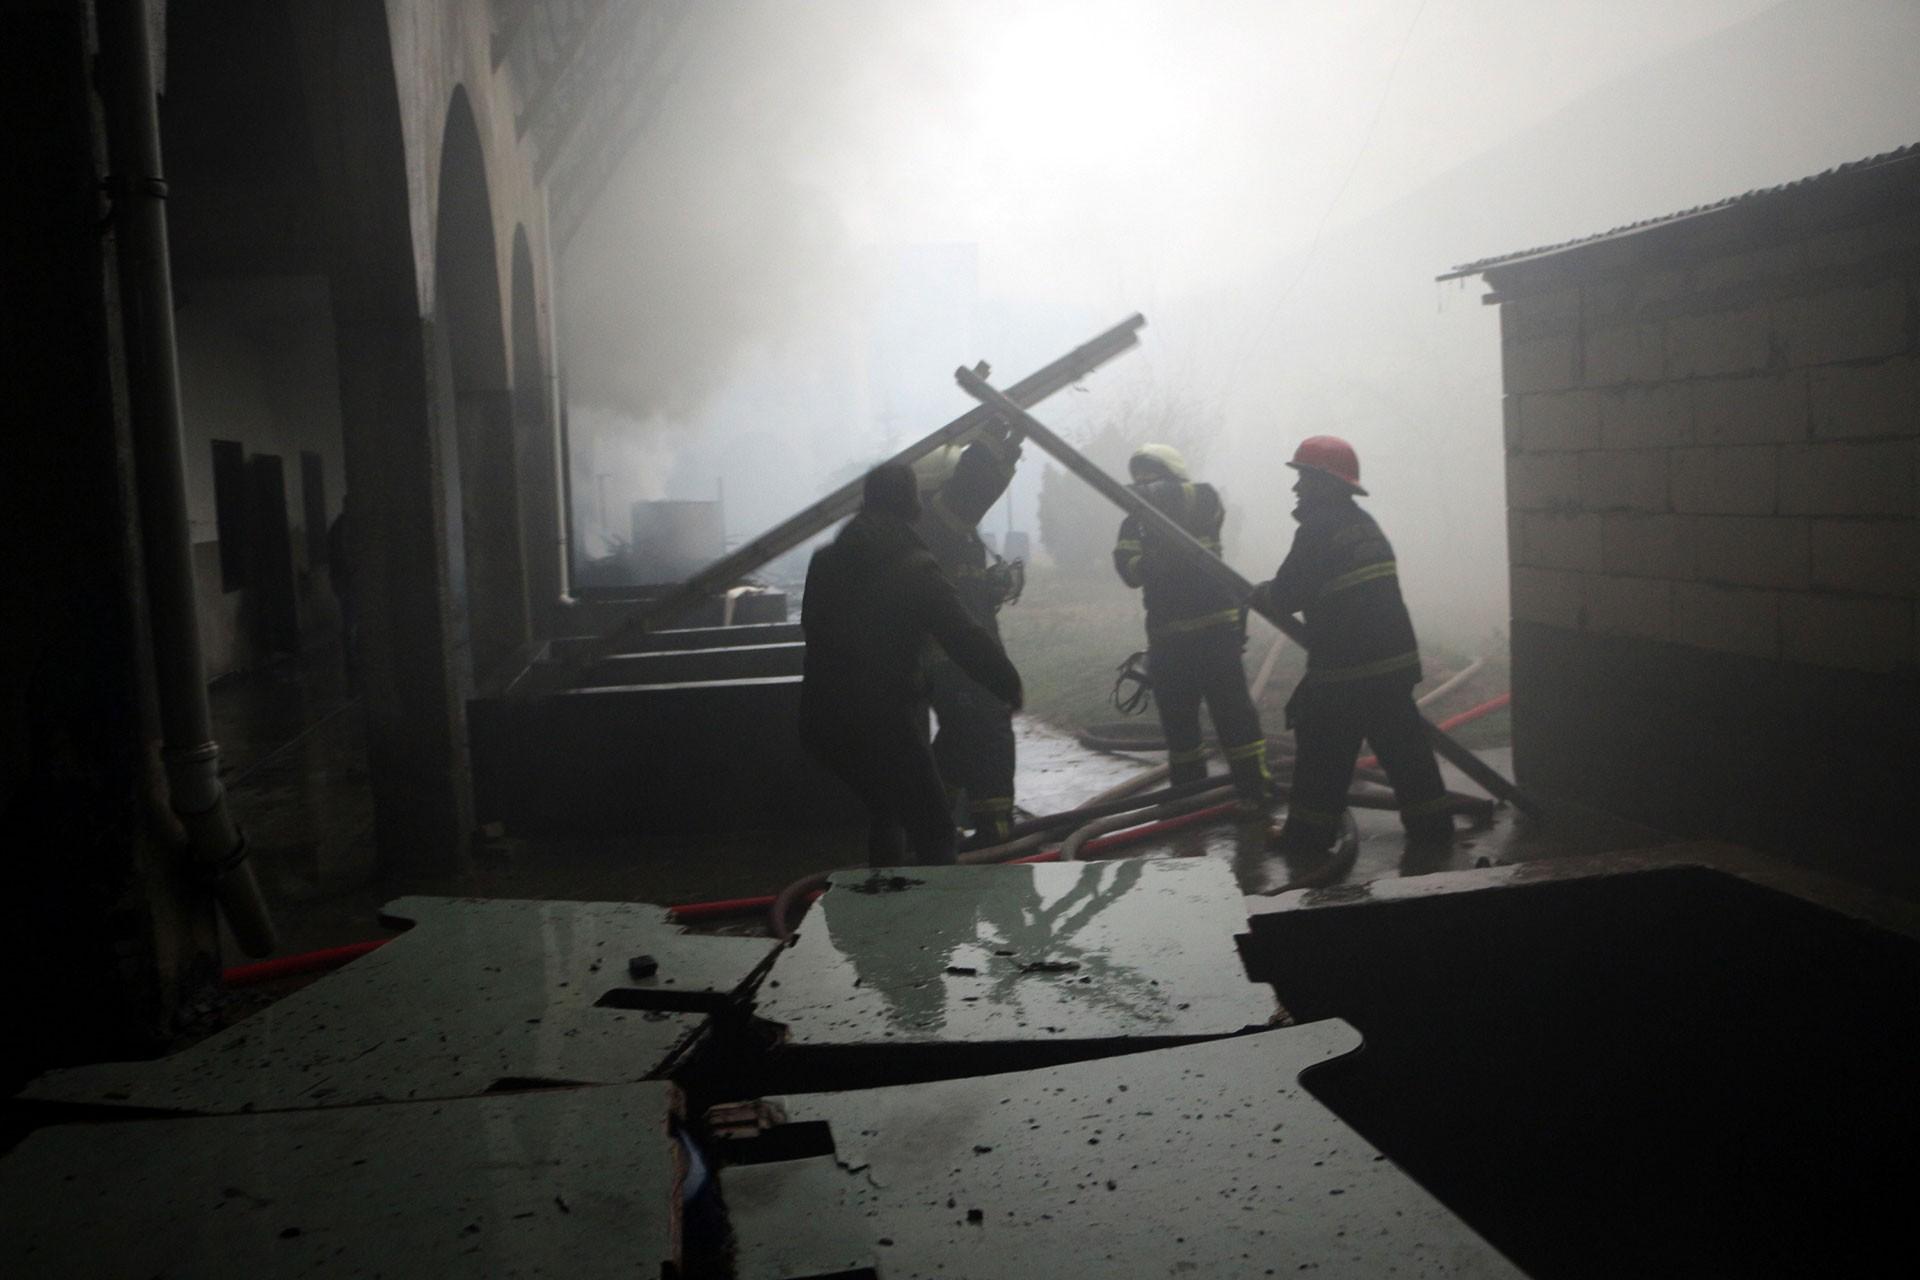 Yazmacılar Hanı'nda çıkan yangına müdahale eden itfaiye ekipleri